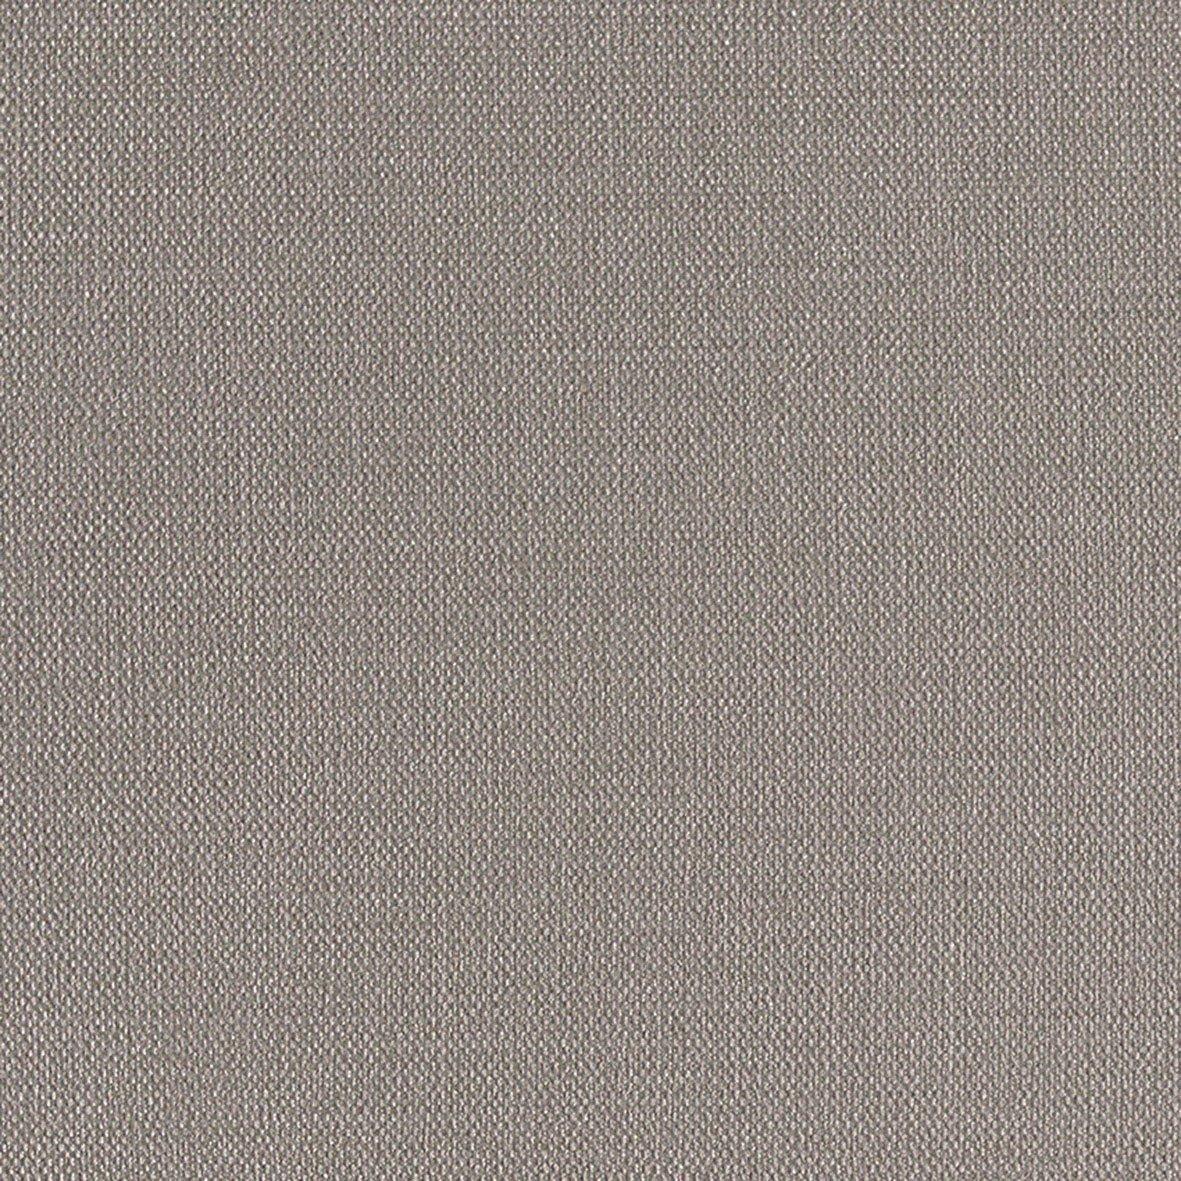 リリカラ 壁紙28m シンフル 織物調 グレー 消臭+汚れ防止 [ダブルクリーン] LV-6488 B01IHTSO2Q 28m|グレー